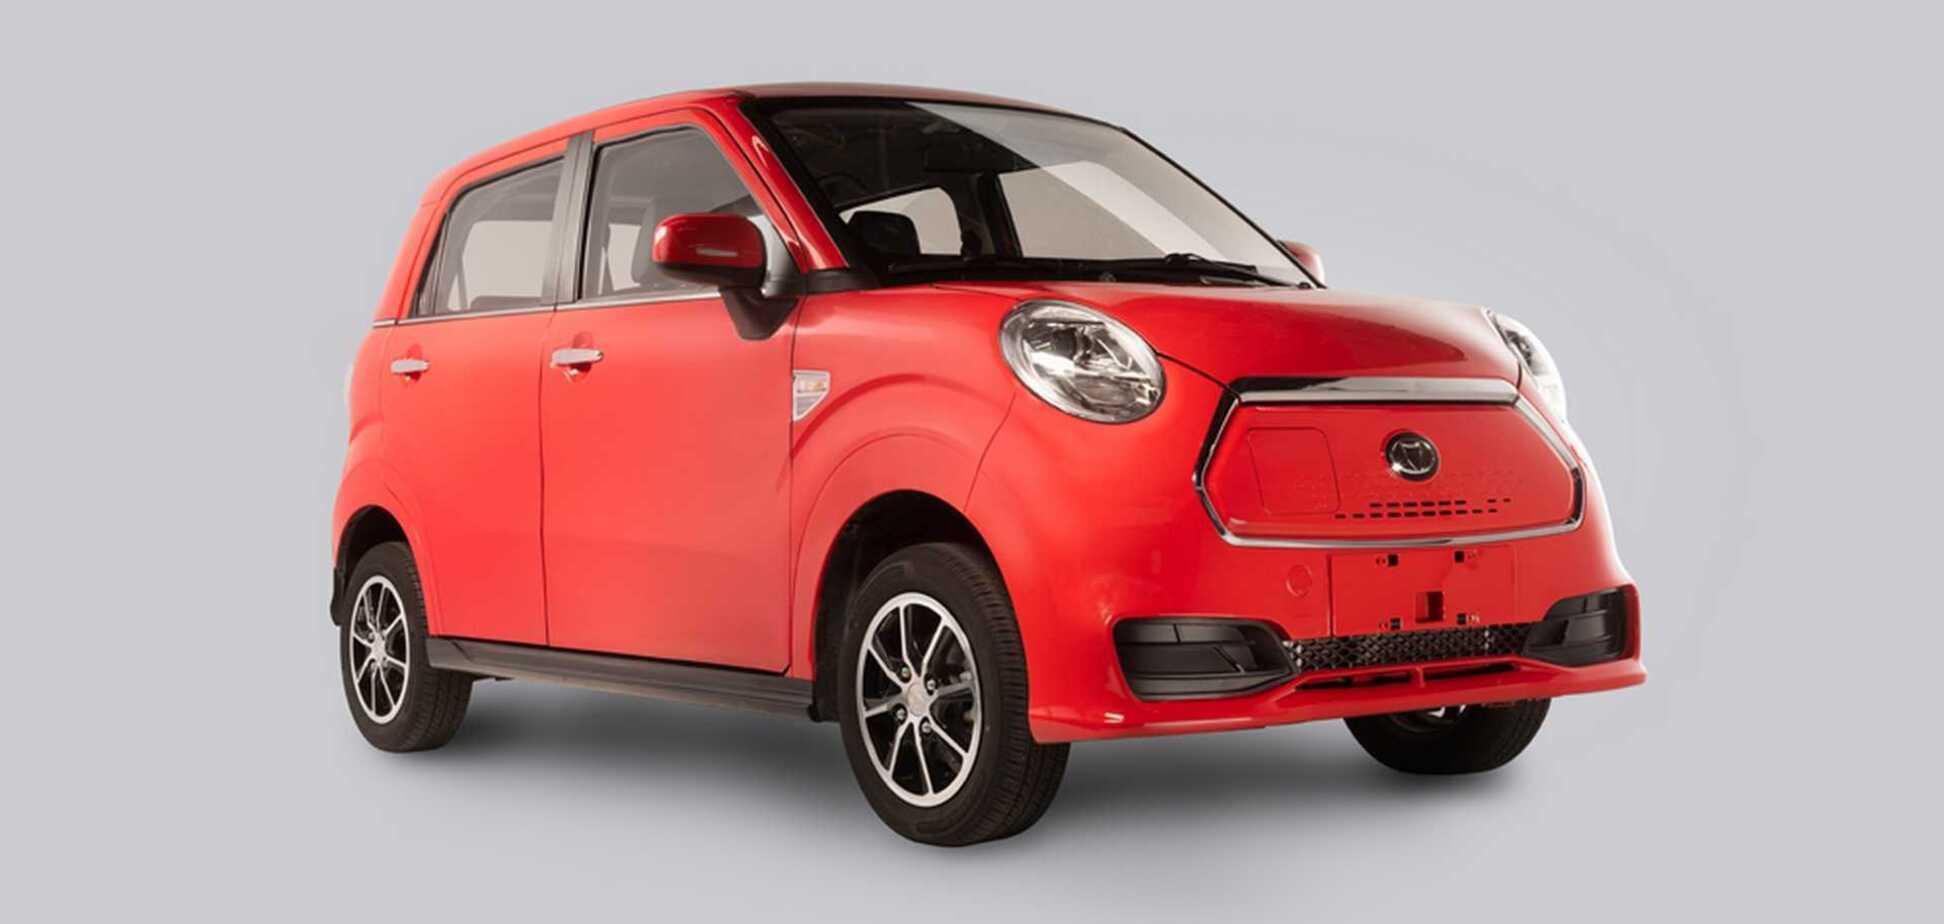 У продаж надійшов дуже дешевий китайський електромобіль. Фото: firstgear.ua